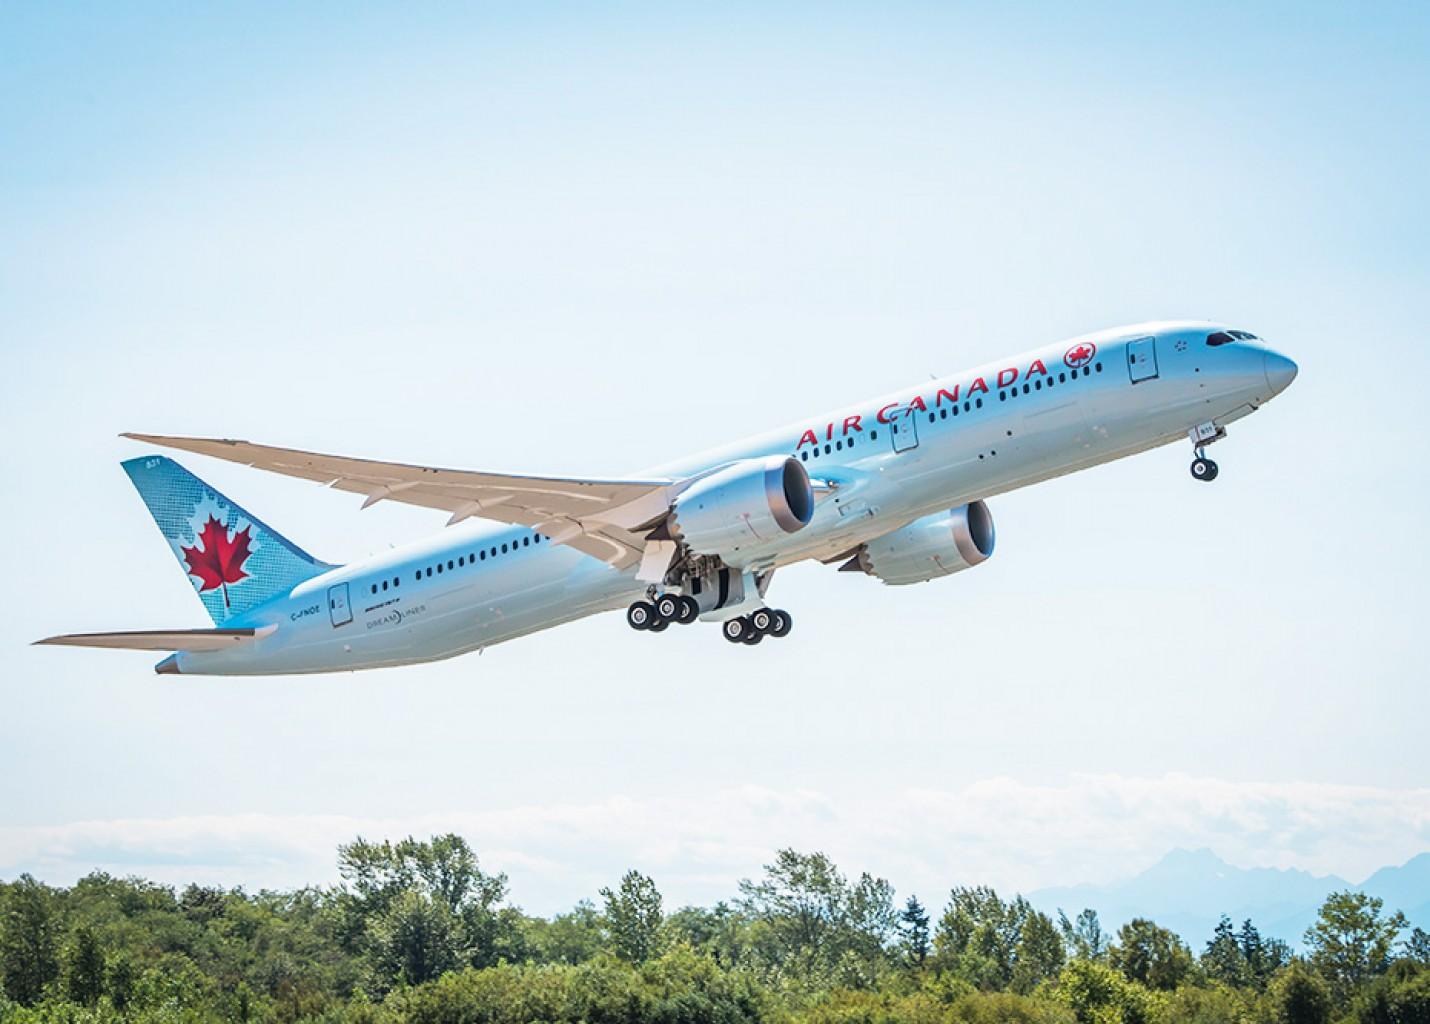 Air Canada introduz Premium Economy entre Toronto e Guarulhos a bordo do B787-9